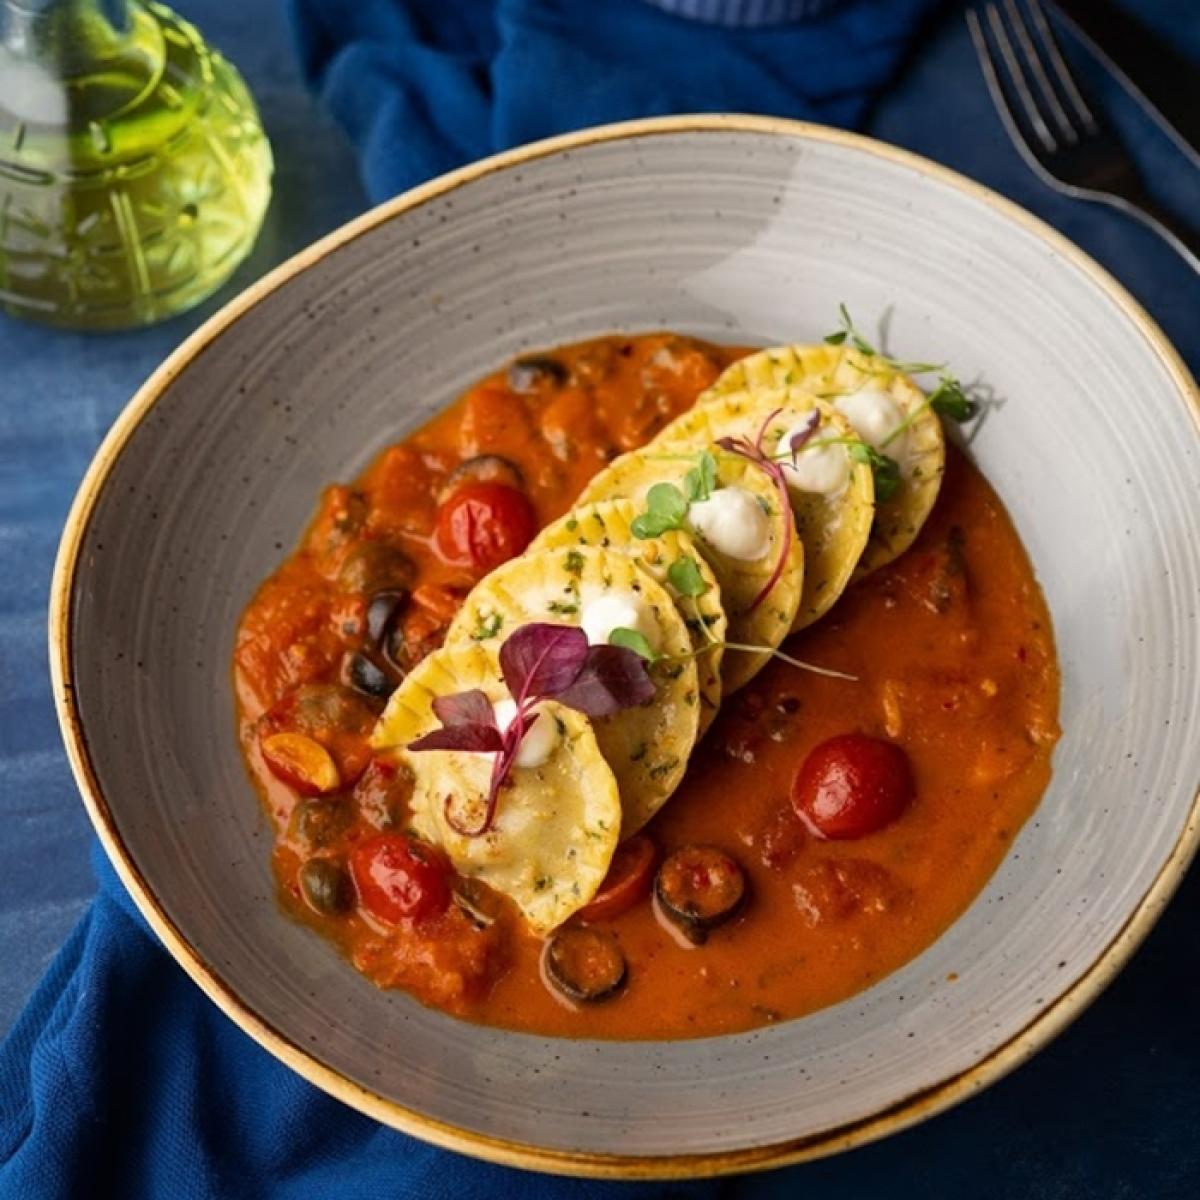 Mumbai Food Review: Su Casa is deliciously healthy